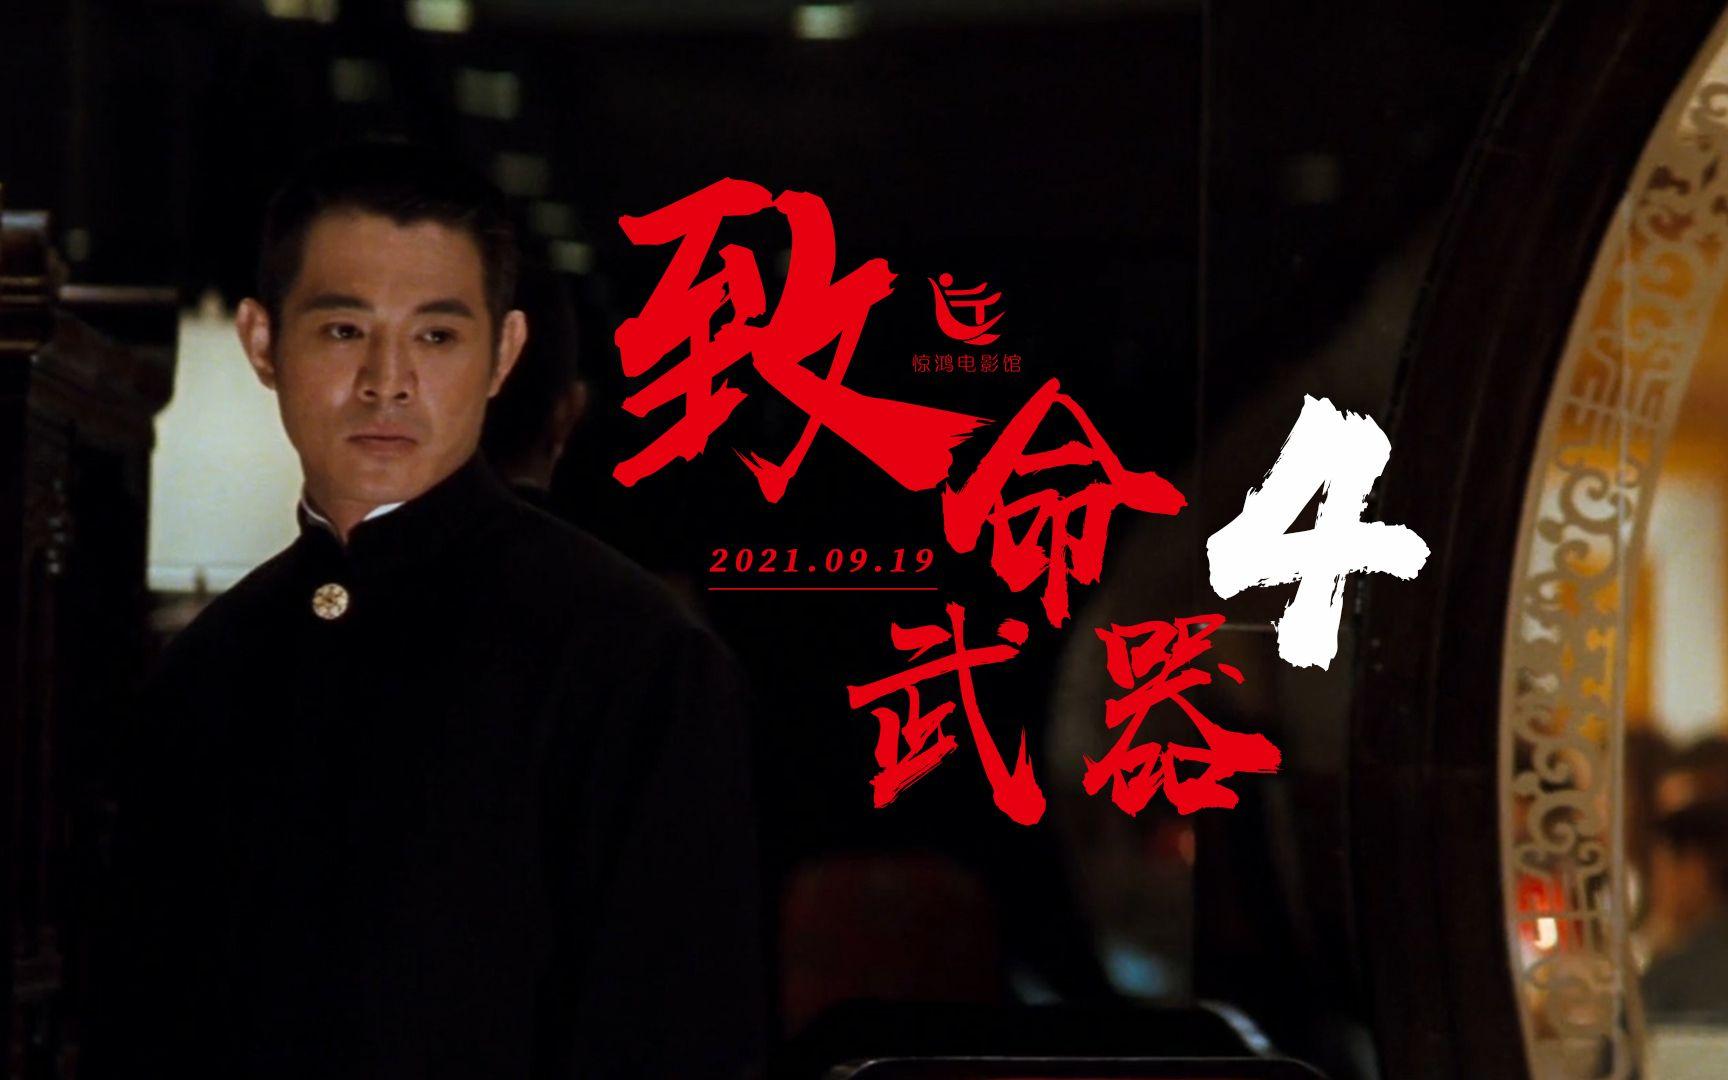 李连杰饰演黑帮大佬,美国警察奉命调查。《致命武器4》